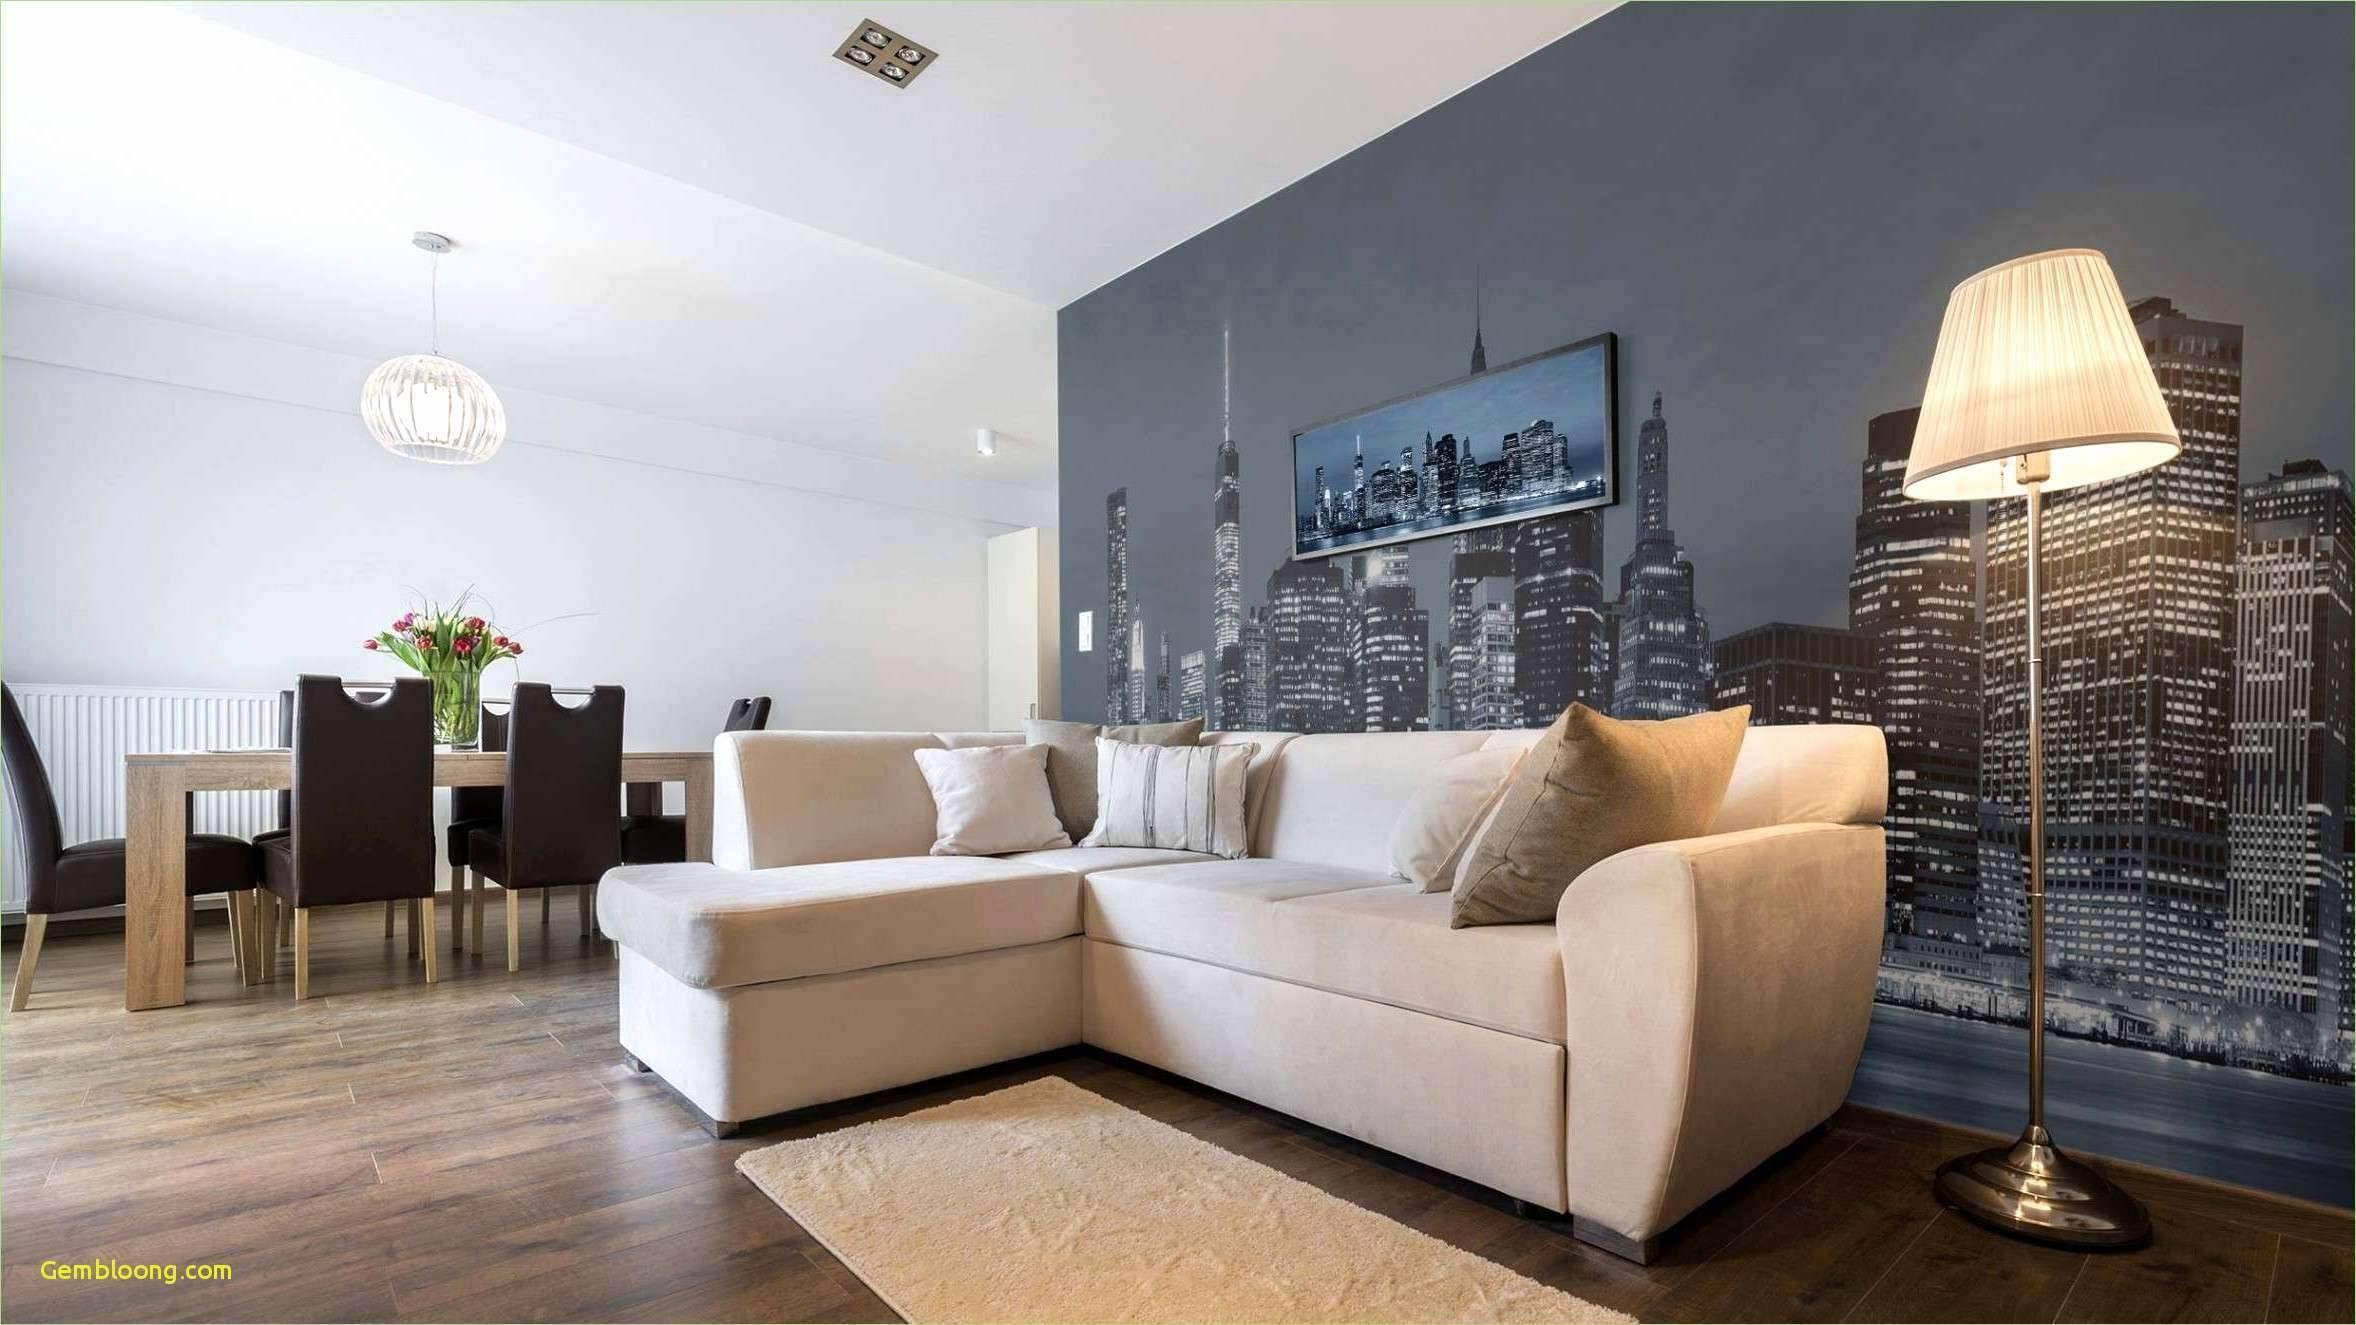 wanddesign wohnzimmer elegant einzigartig wohnzimmer ideen wand of wanddesign wohnzimmer